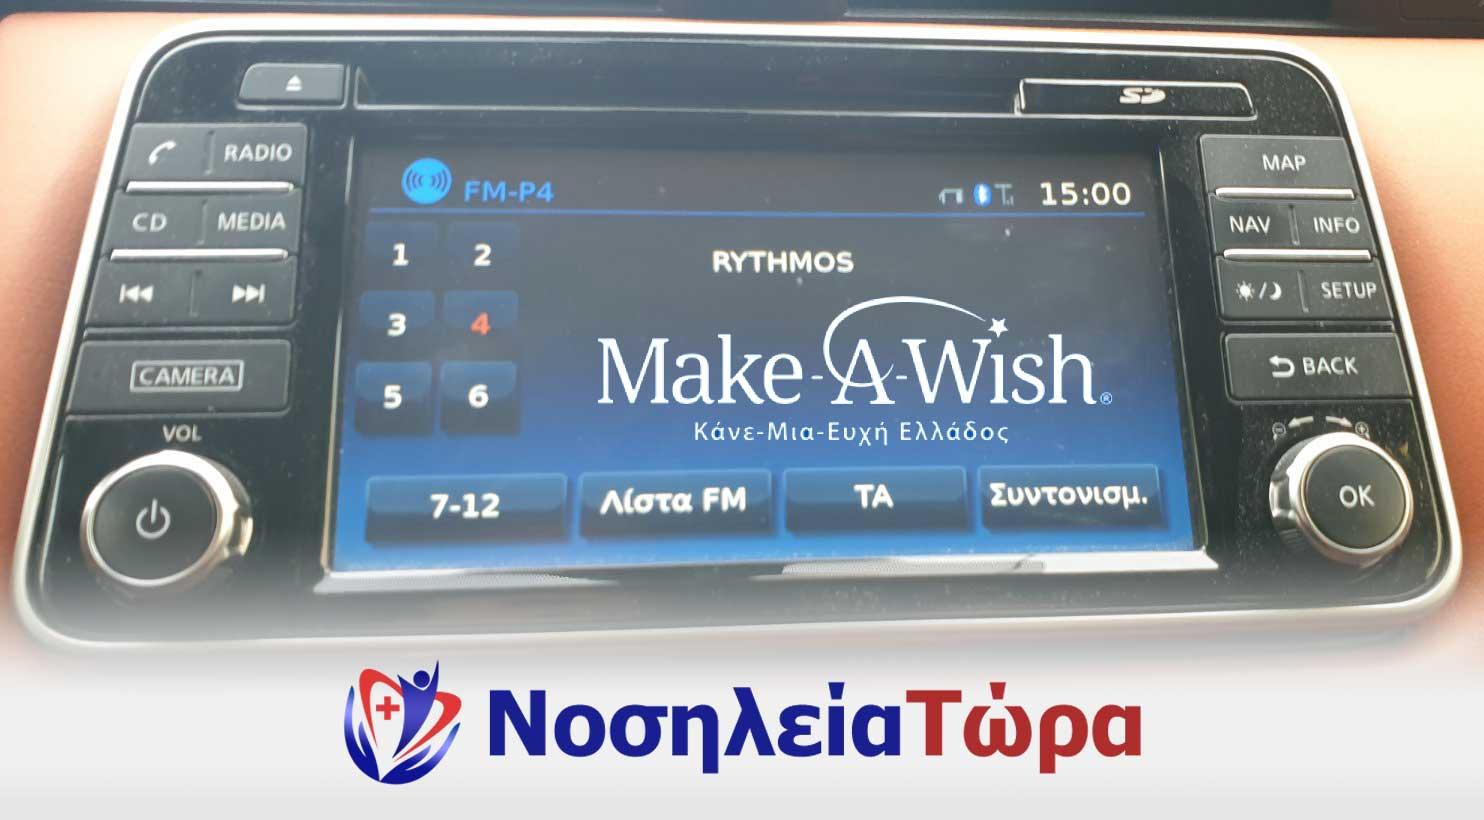 Η Νοσηλεία Τώρα κάνει προσφορά στο Make A Wish